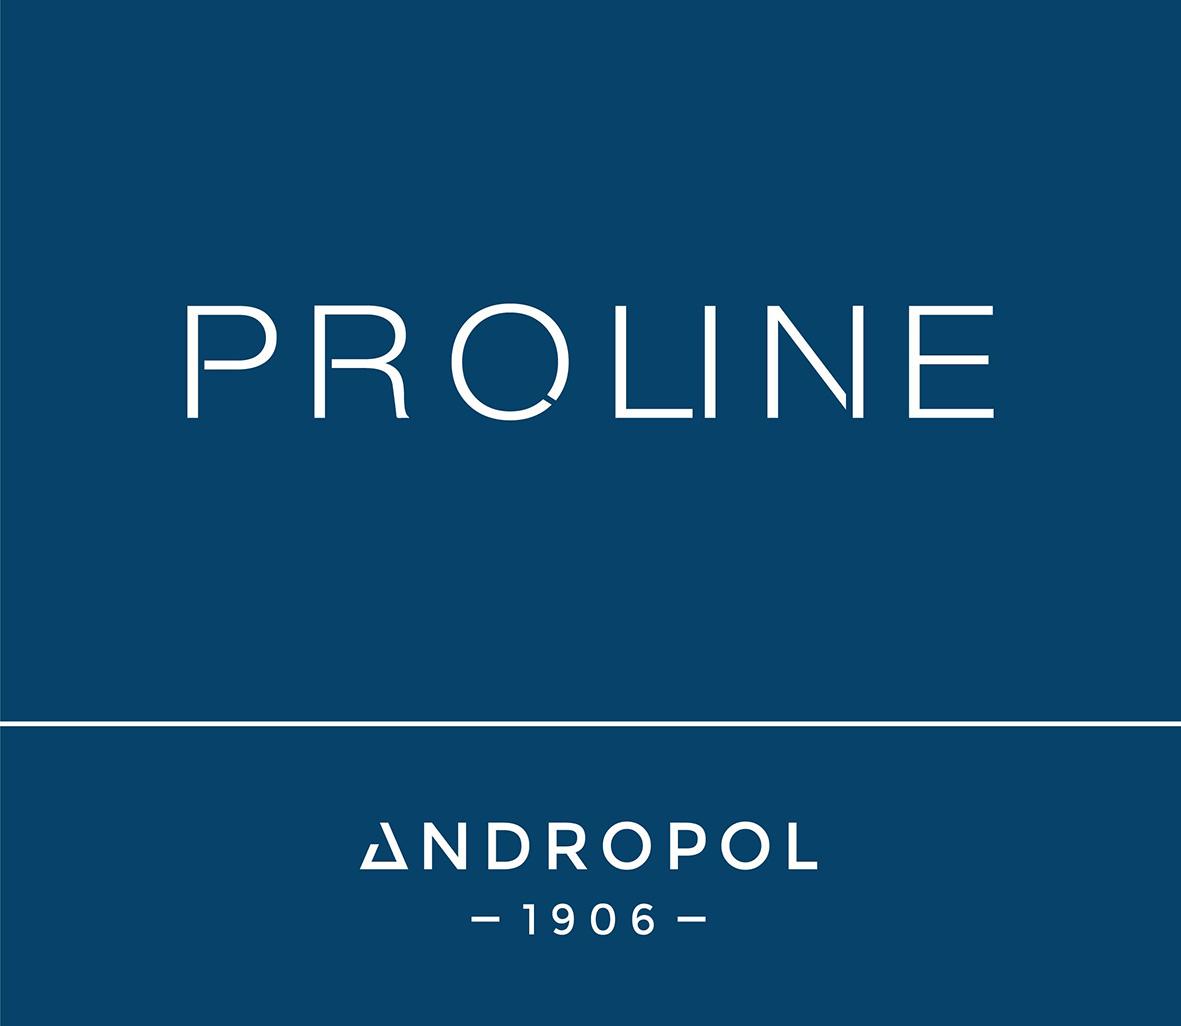 Proline - Andropol S.A. - Polski Producent Tkanin